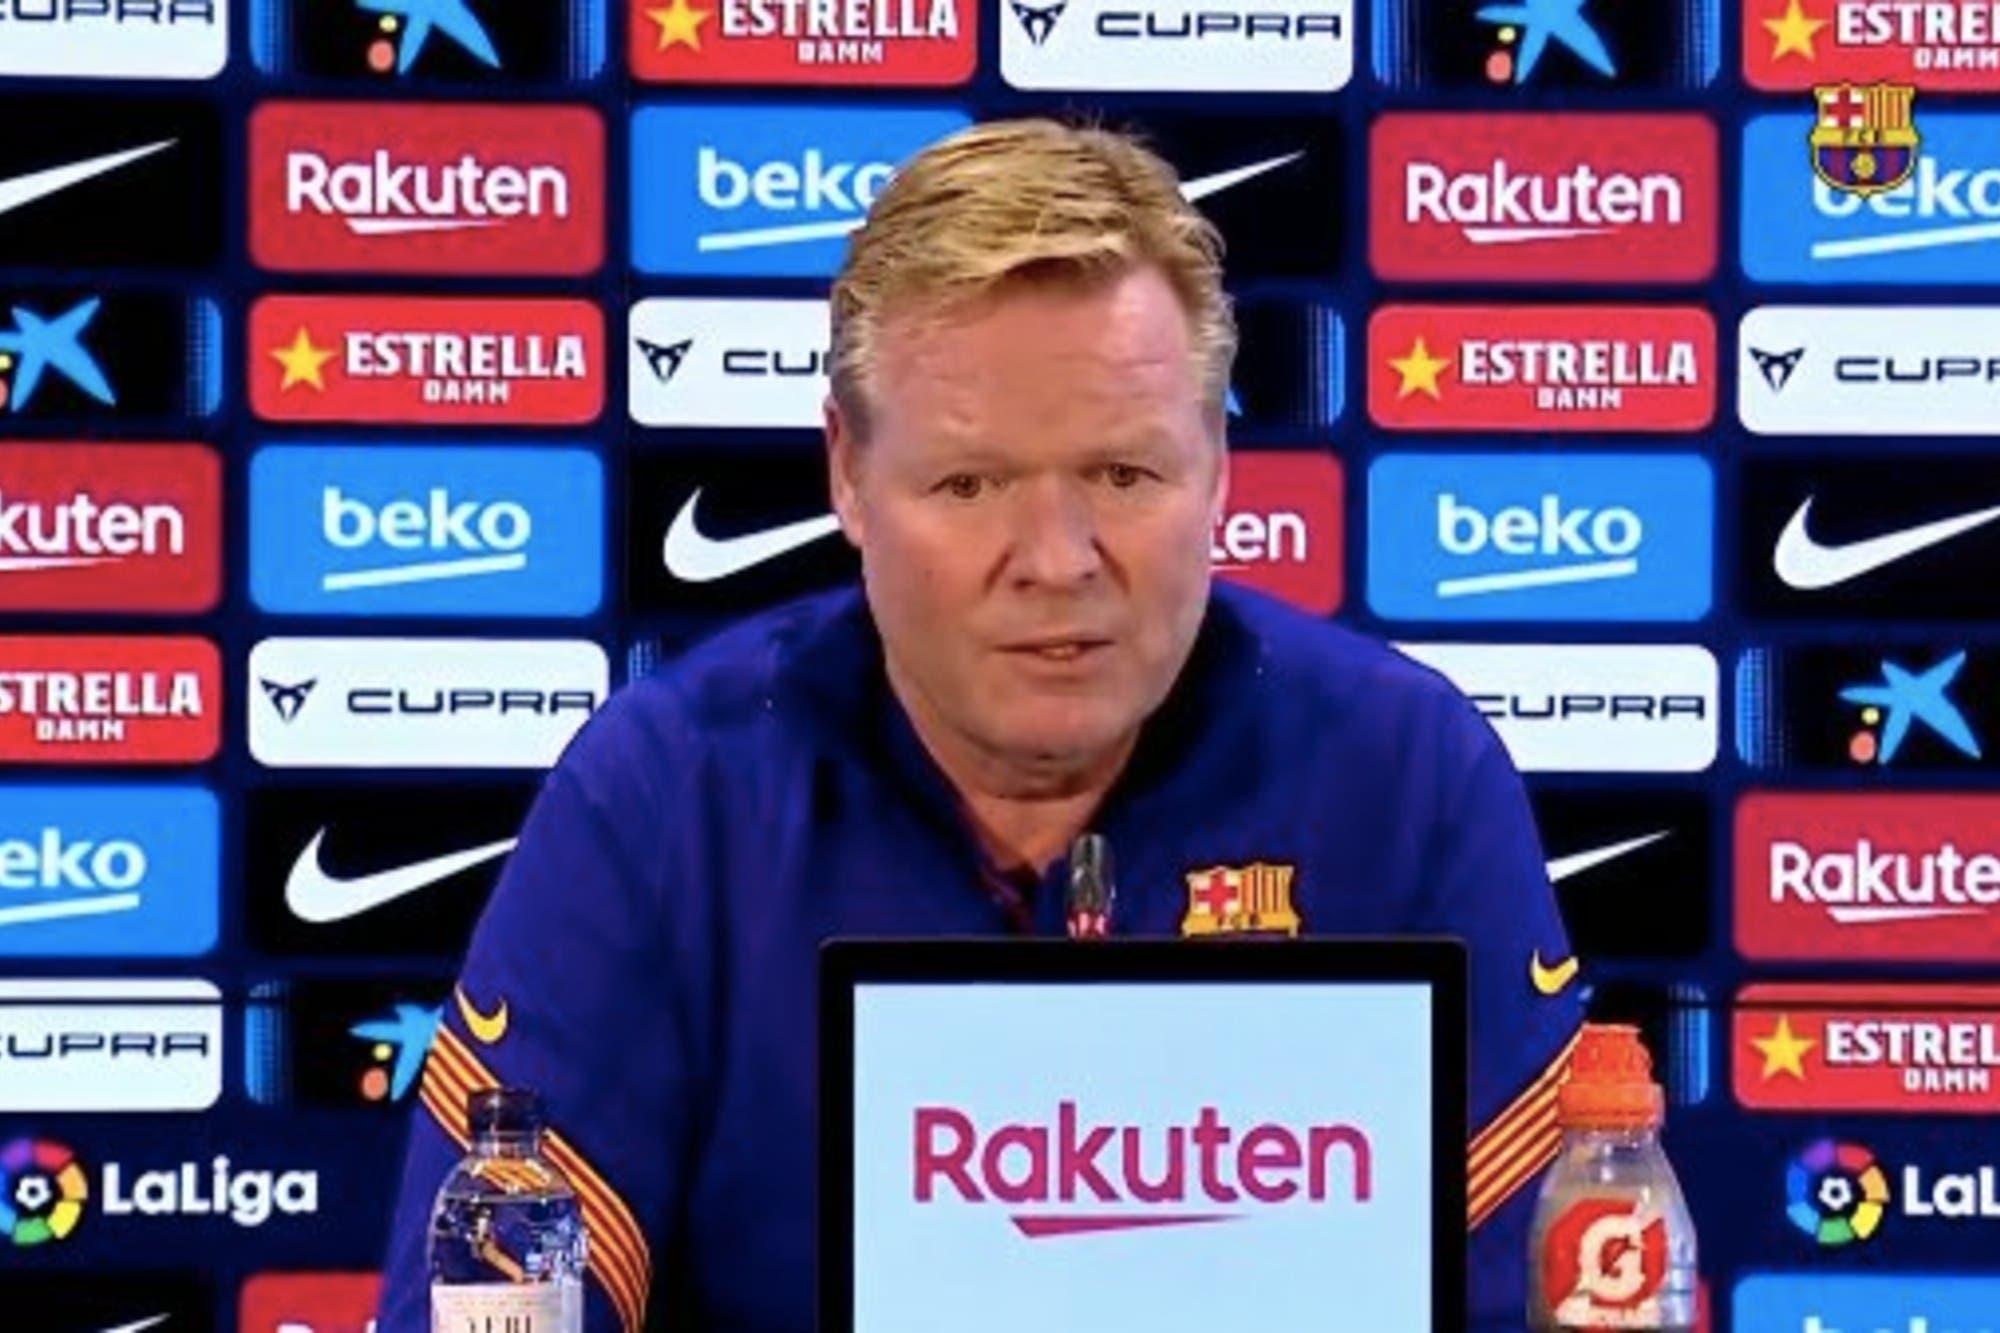 Revelan los insultos que Nyom, de Getafe, le propinó a Ronald Koeman en el partido de Barcelona del sábado